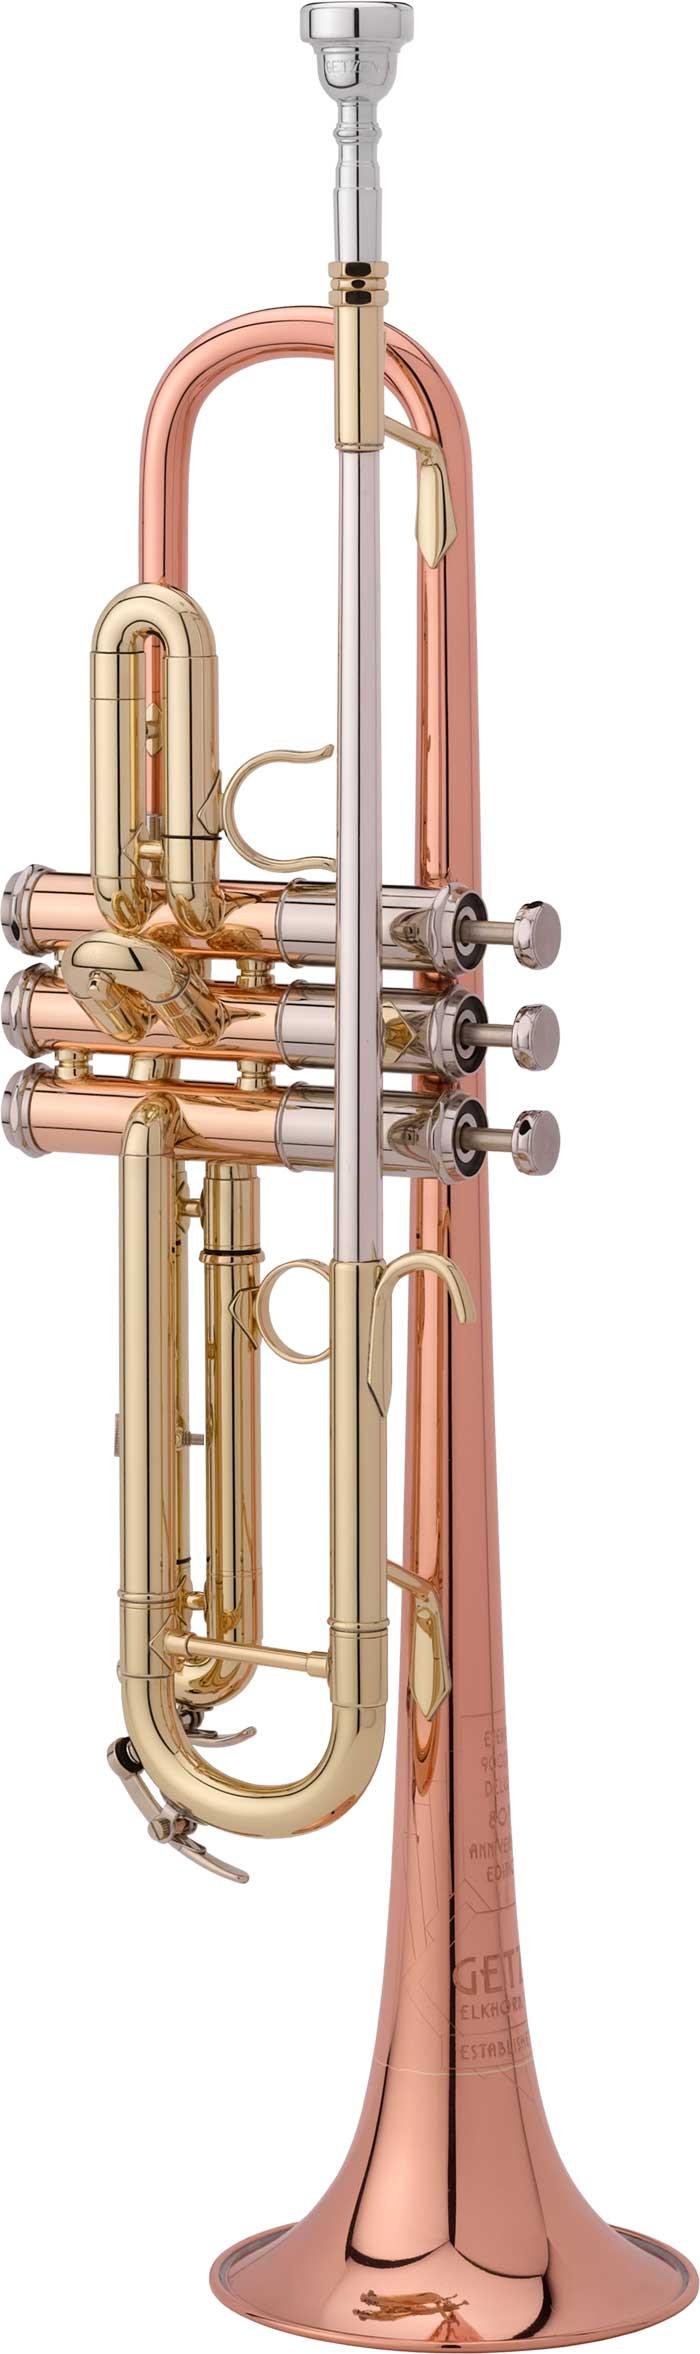 Getzen 900DLX Bb Trumpet